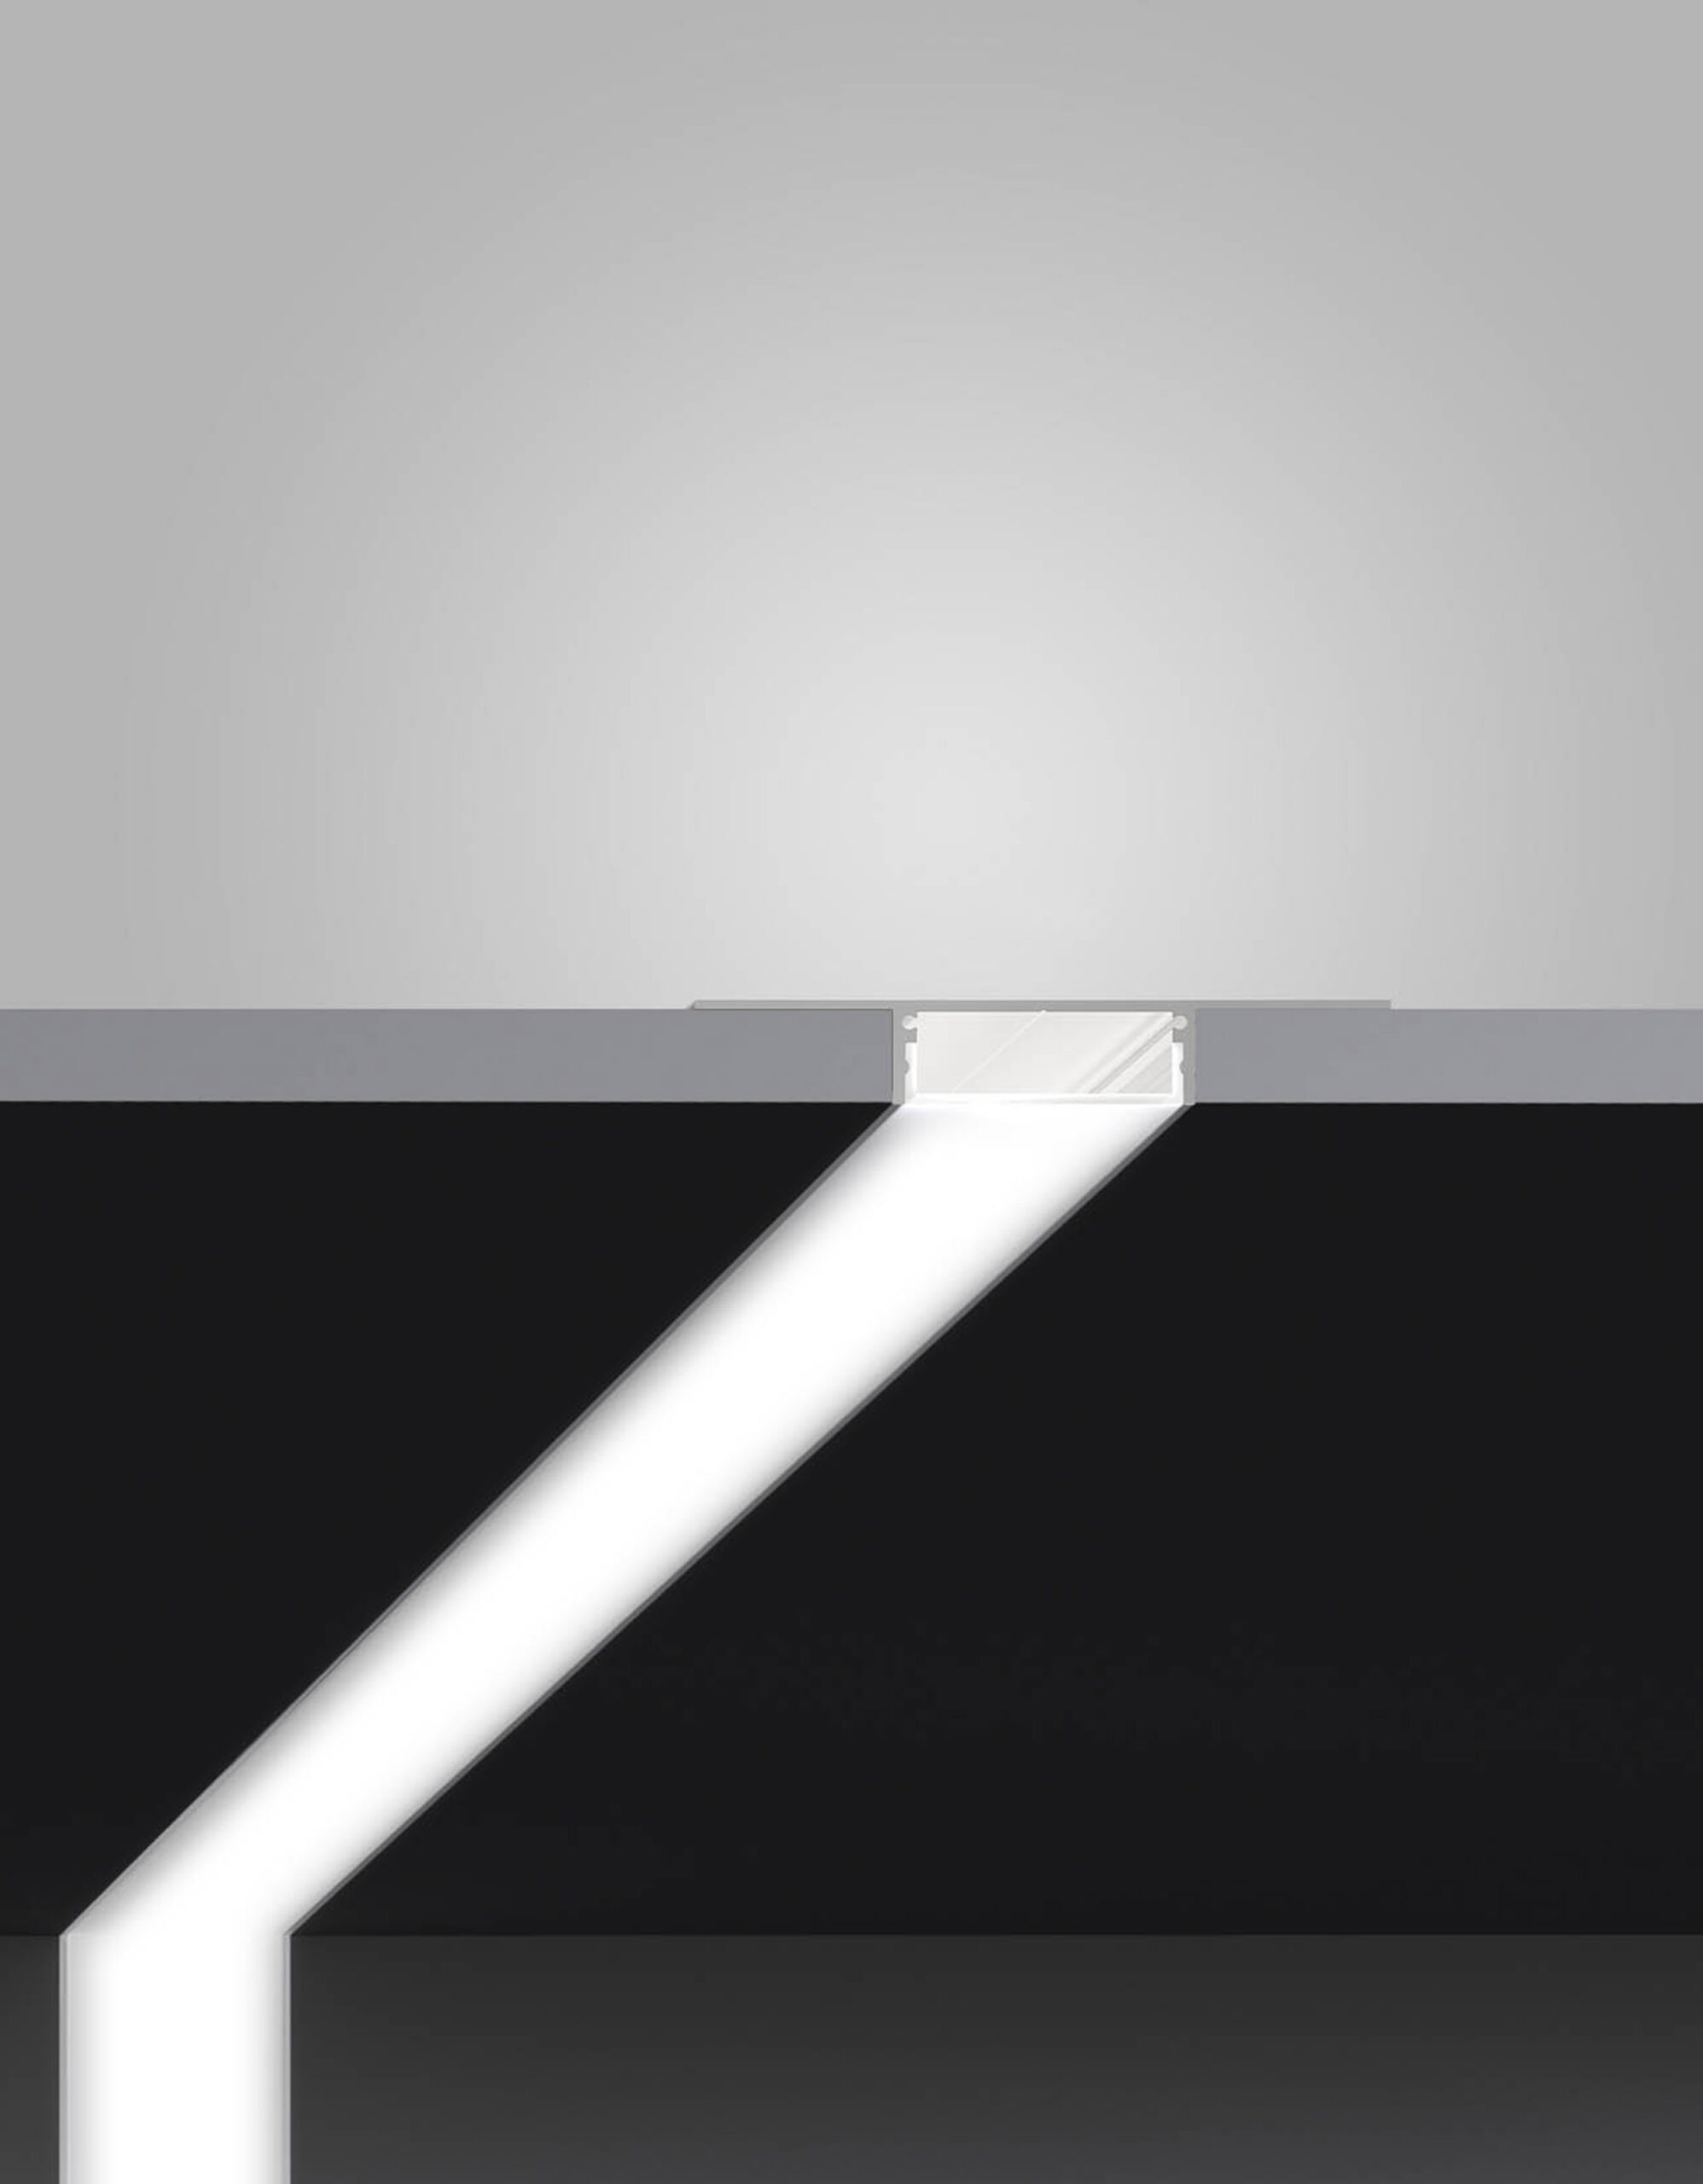 GHOST_LINE_33_OLEV_profilo_incasso_alluminio_cartongesso_led